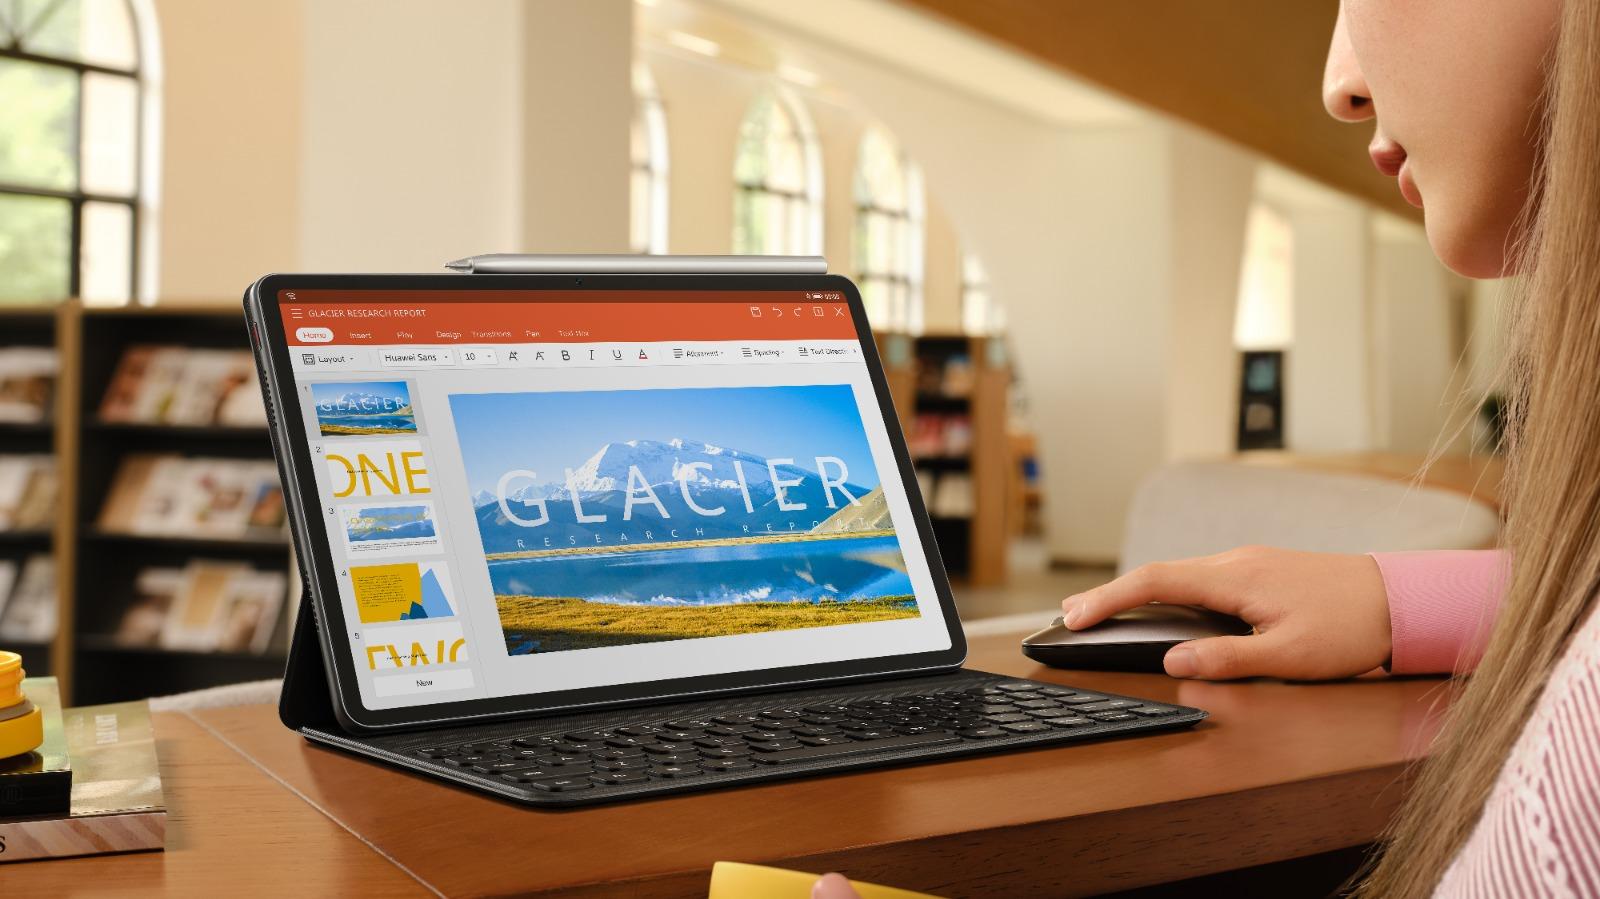 Mai este utilă tableta în activitățile de la birou?